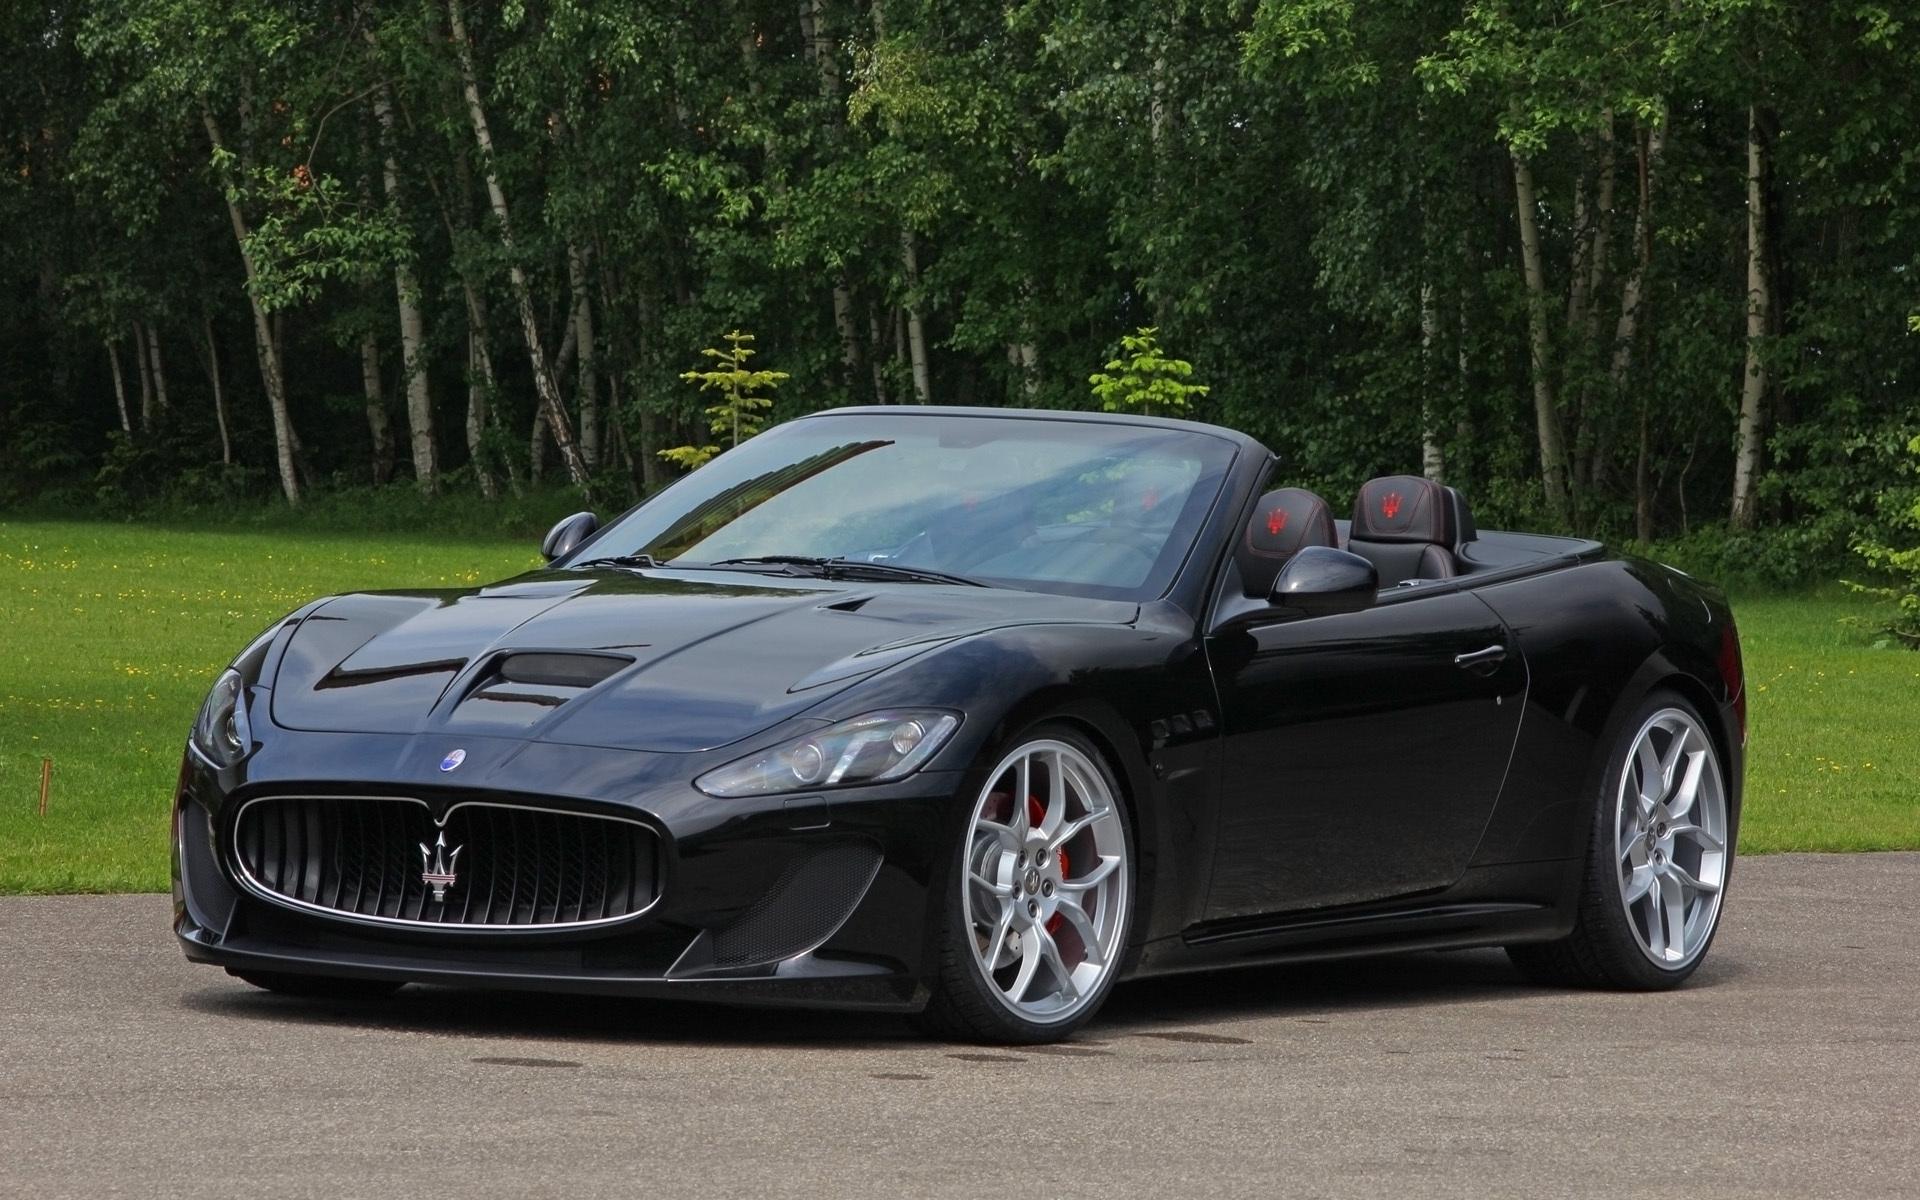 26769 скачать обои Транспорт, Машины, Мазератти (Maserati) - заставки и картинки бесплатно